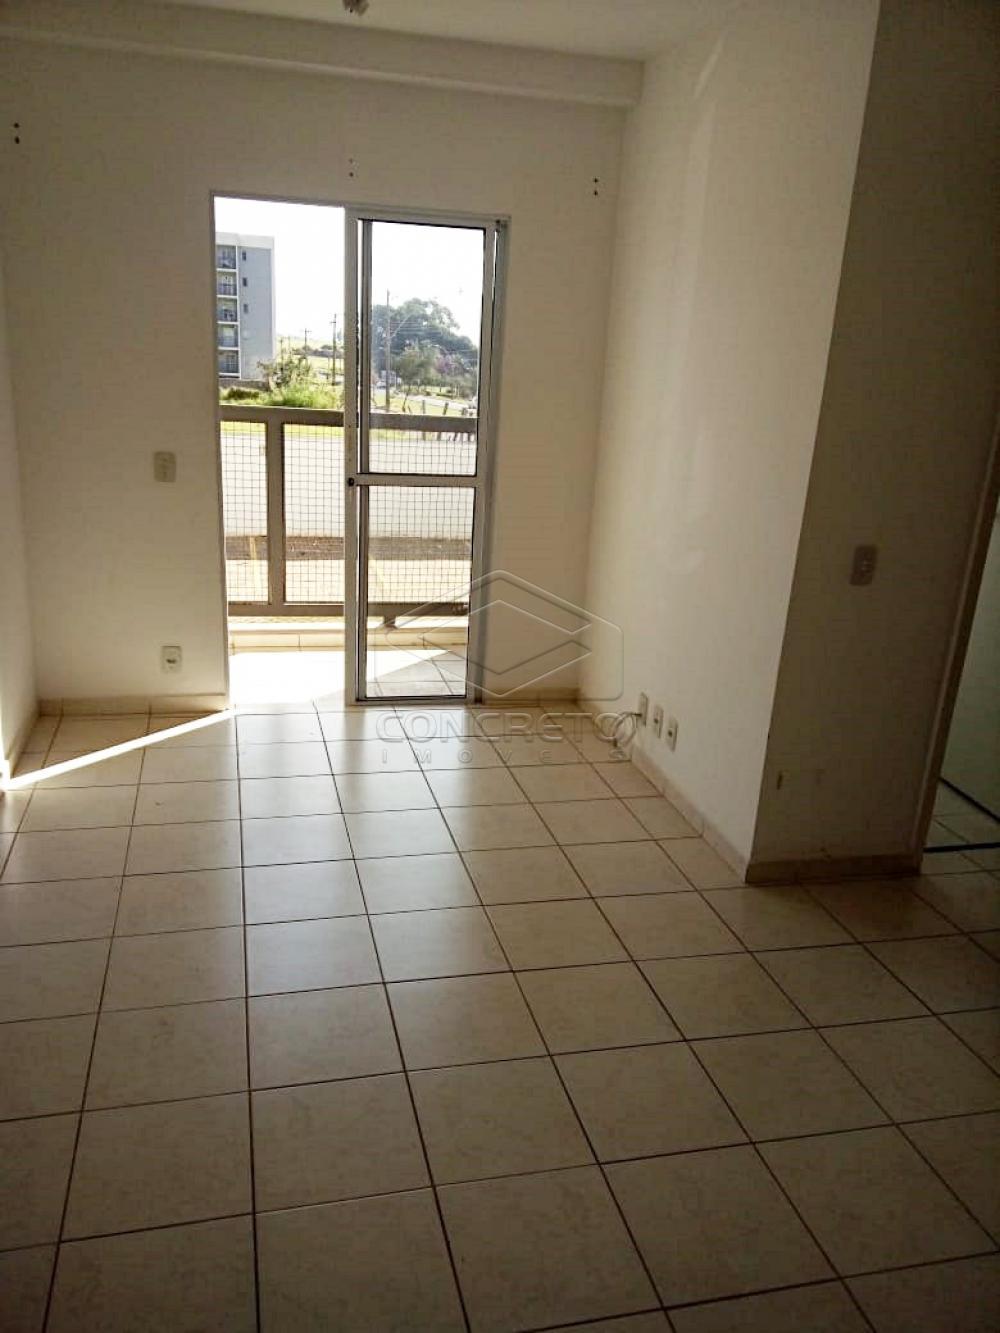 Comprar Apartamento / Padrão em Jaú apenas R$ 140.000,00 - Foto 3